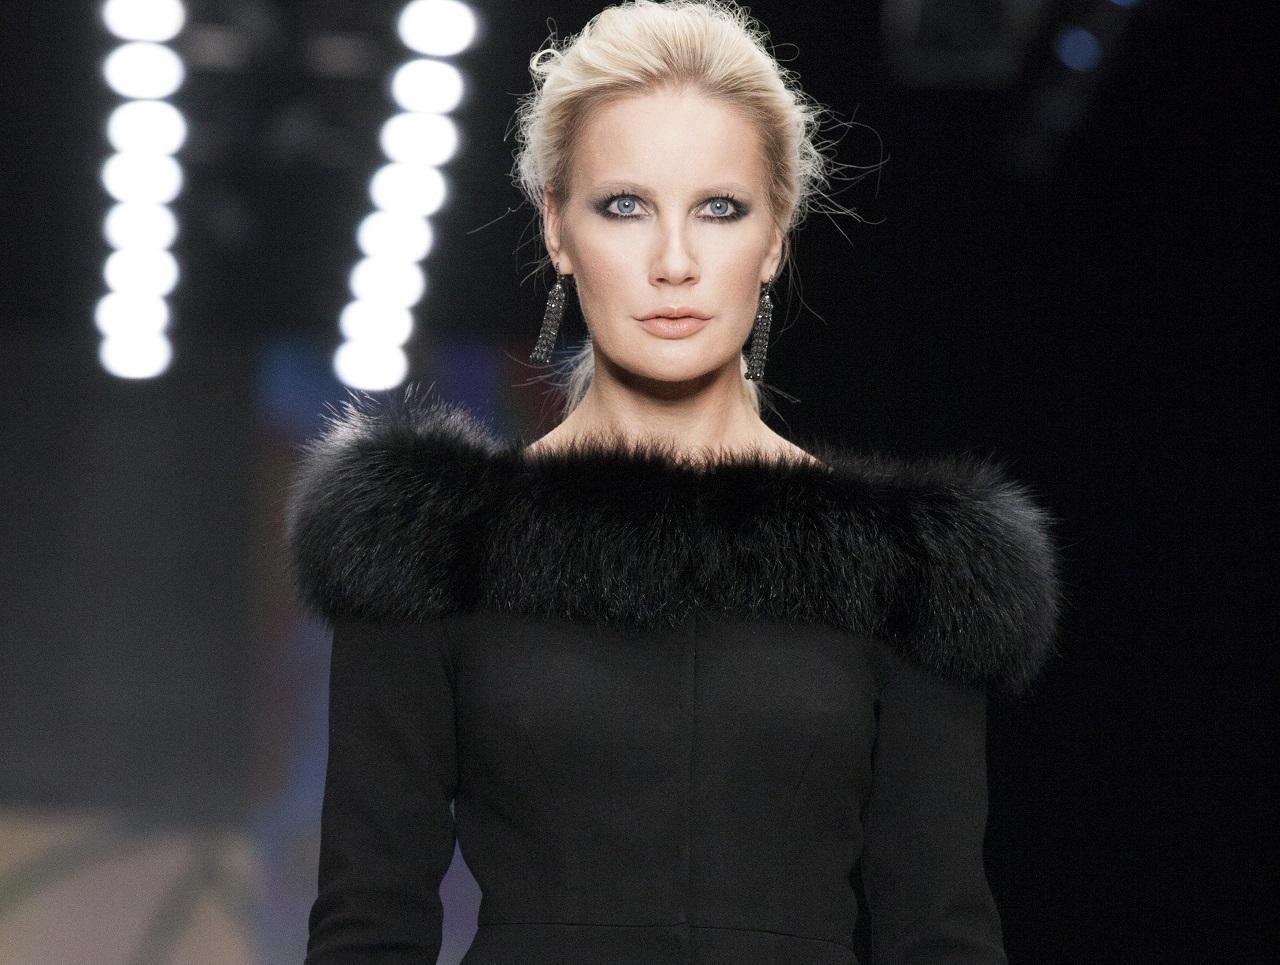 Показ YAKUBoWITCH: Елена Летучая в образе готической невесты впервые вышла на подиум и стала звездой модного шоу